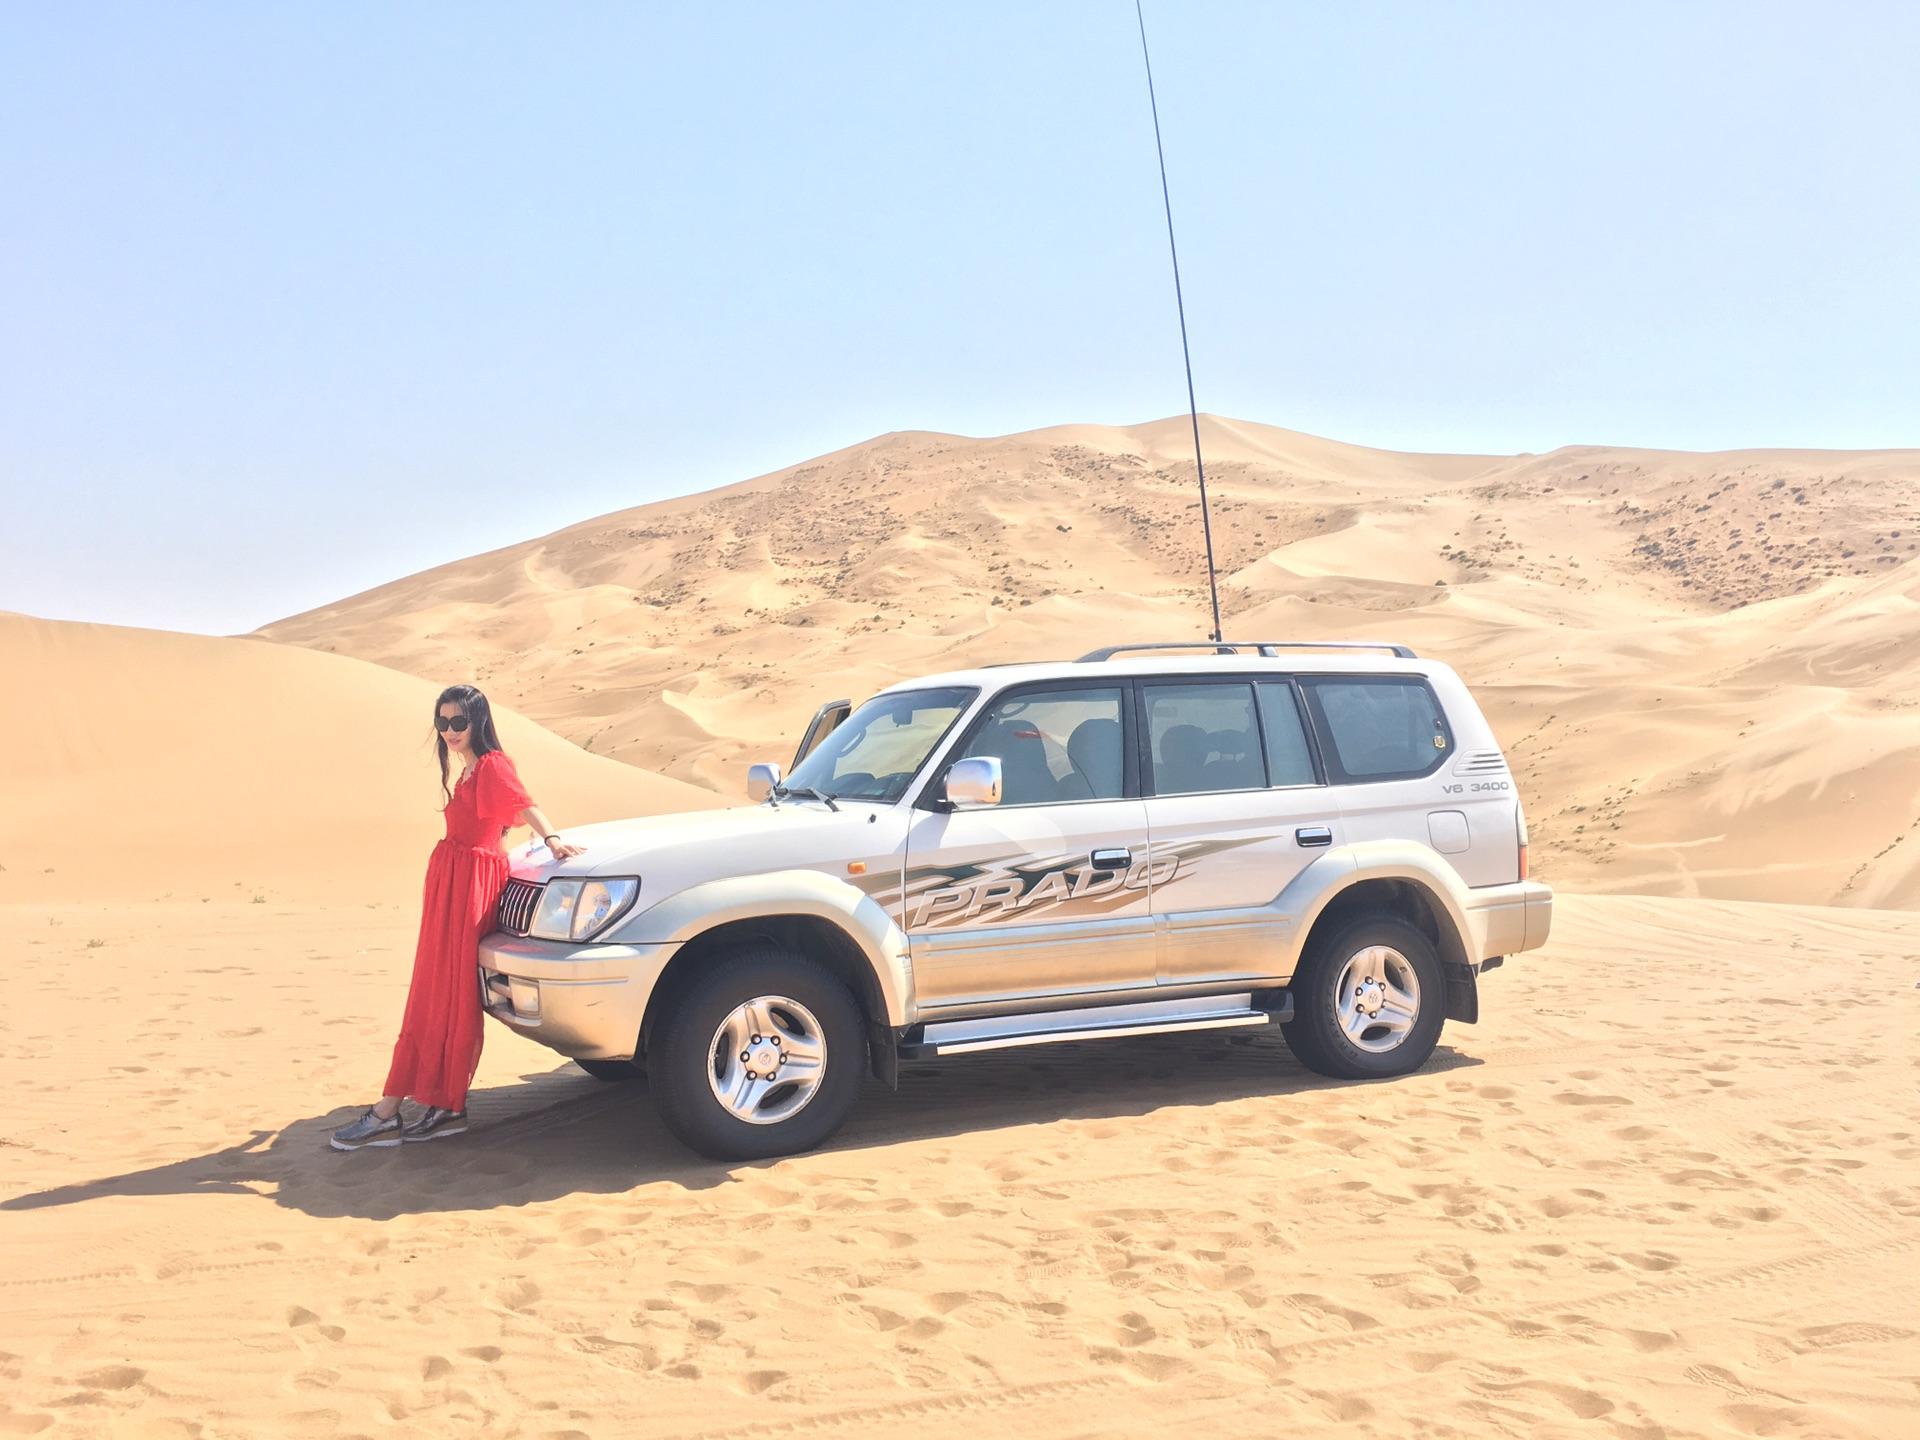 巴丹吉林沙漠,世界上最美的沙漠,沒有之一